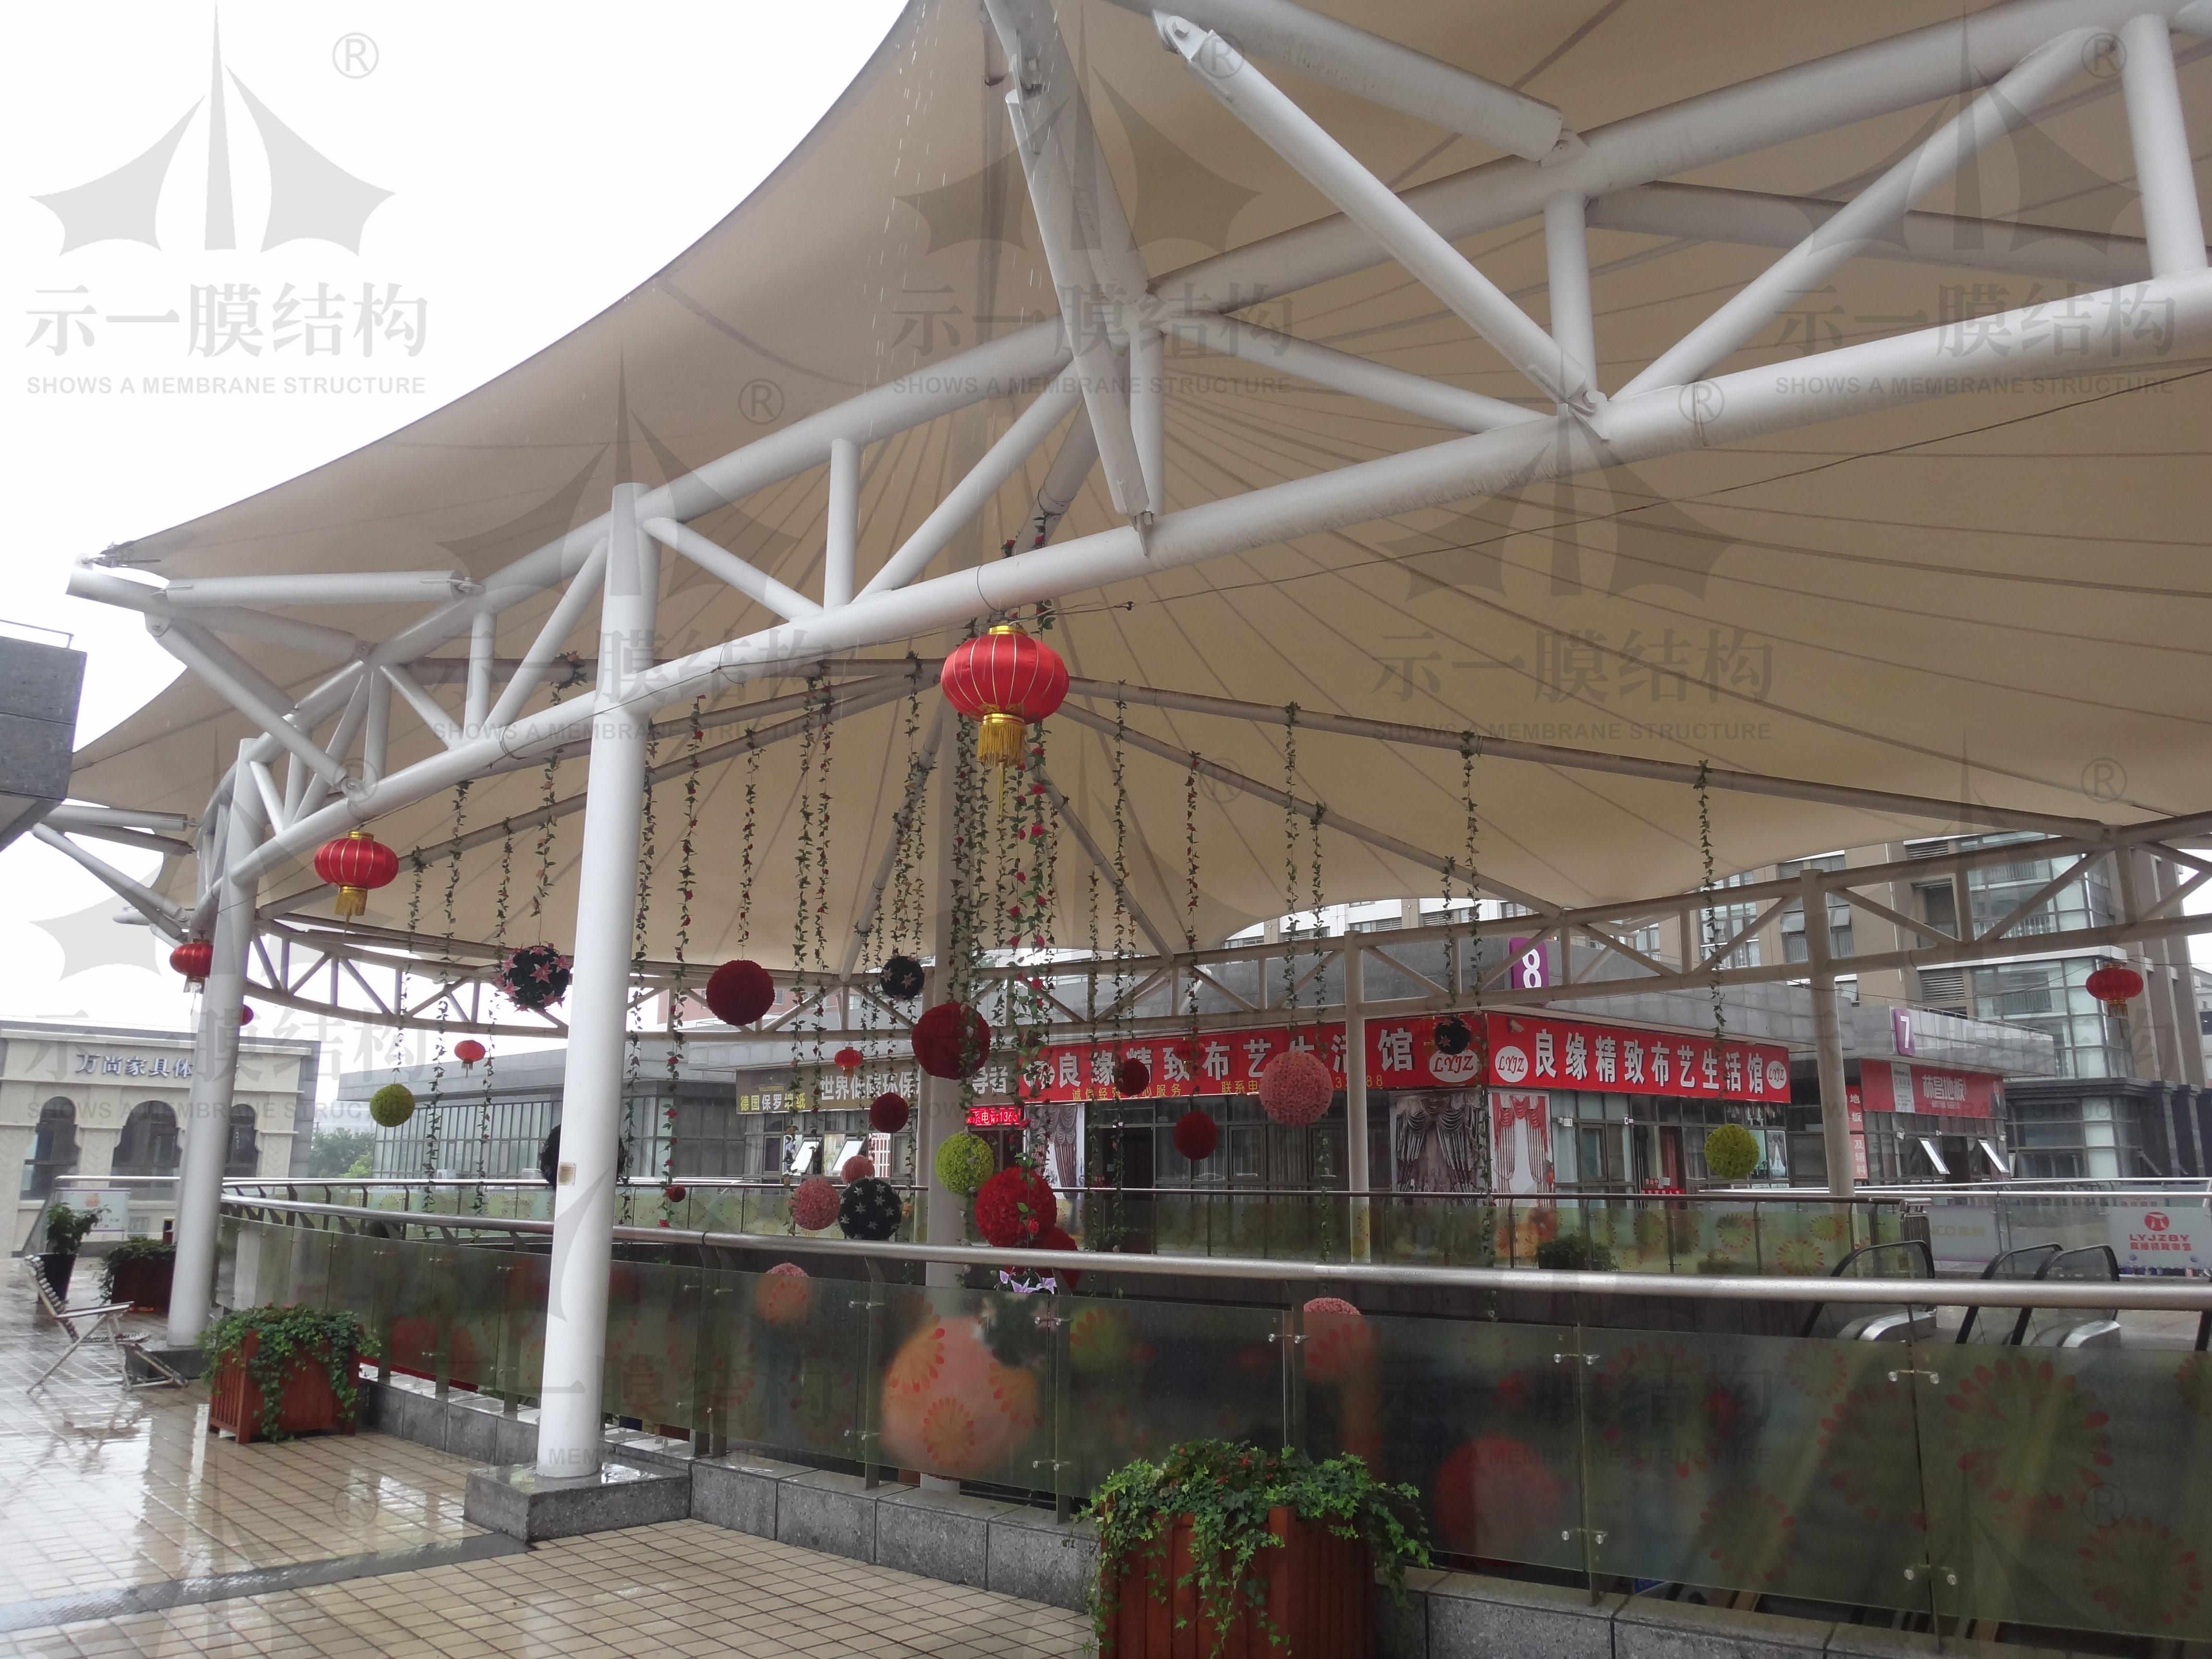 上海示一膜结构松江福都家居生活广场膜结构雨棚